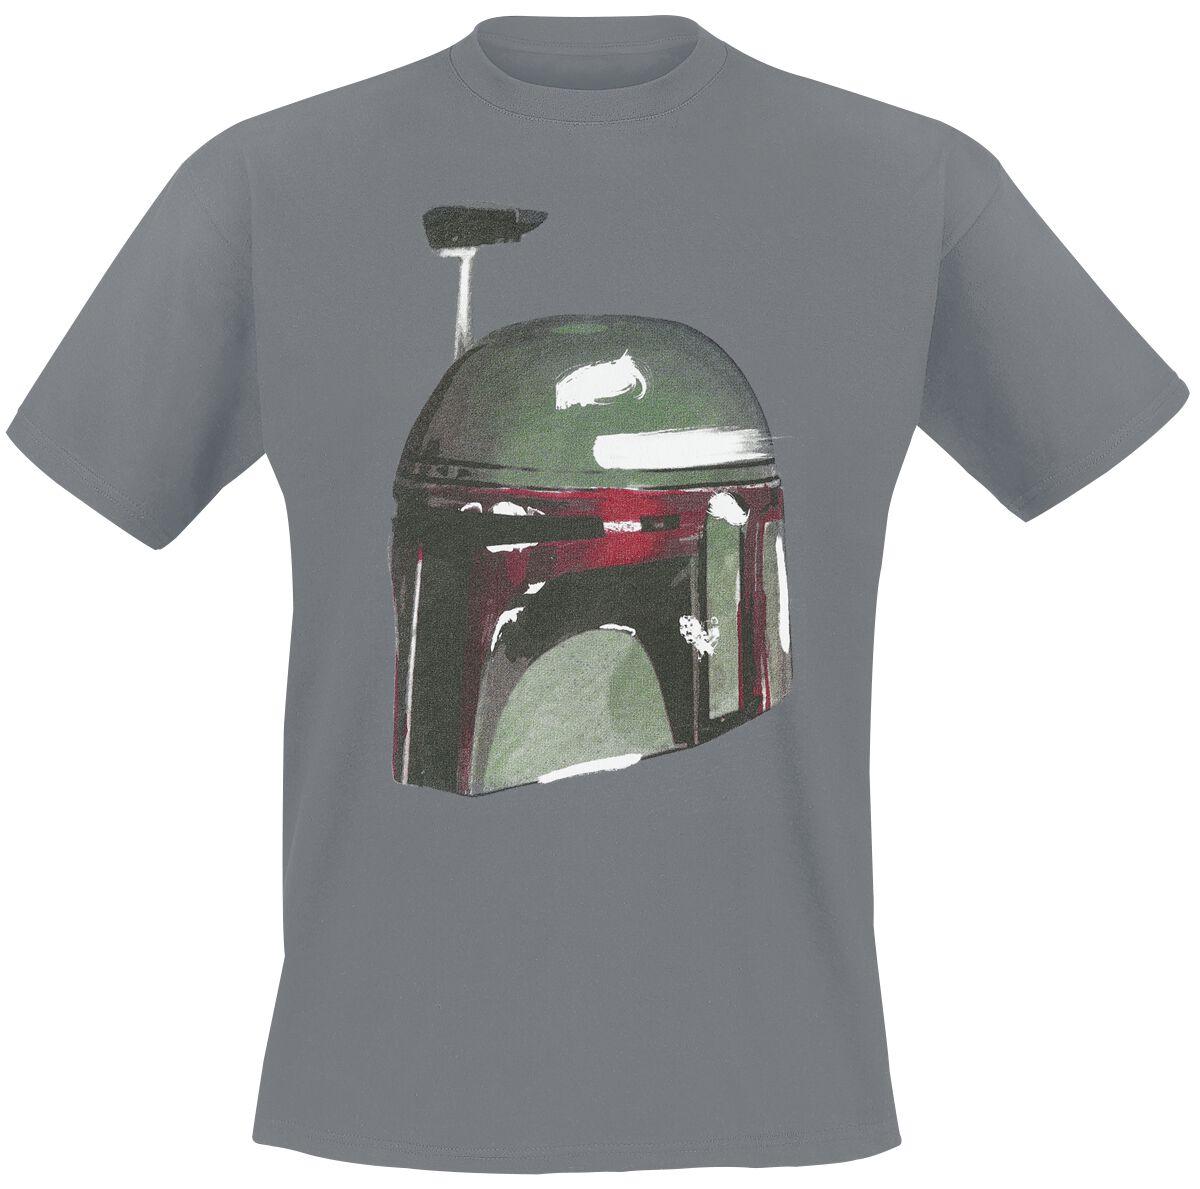 Image of   Star Wars Boba Fett T-Shirt grå